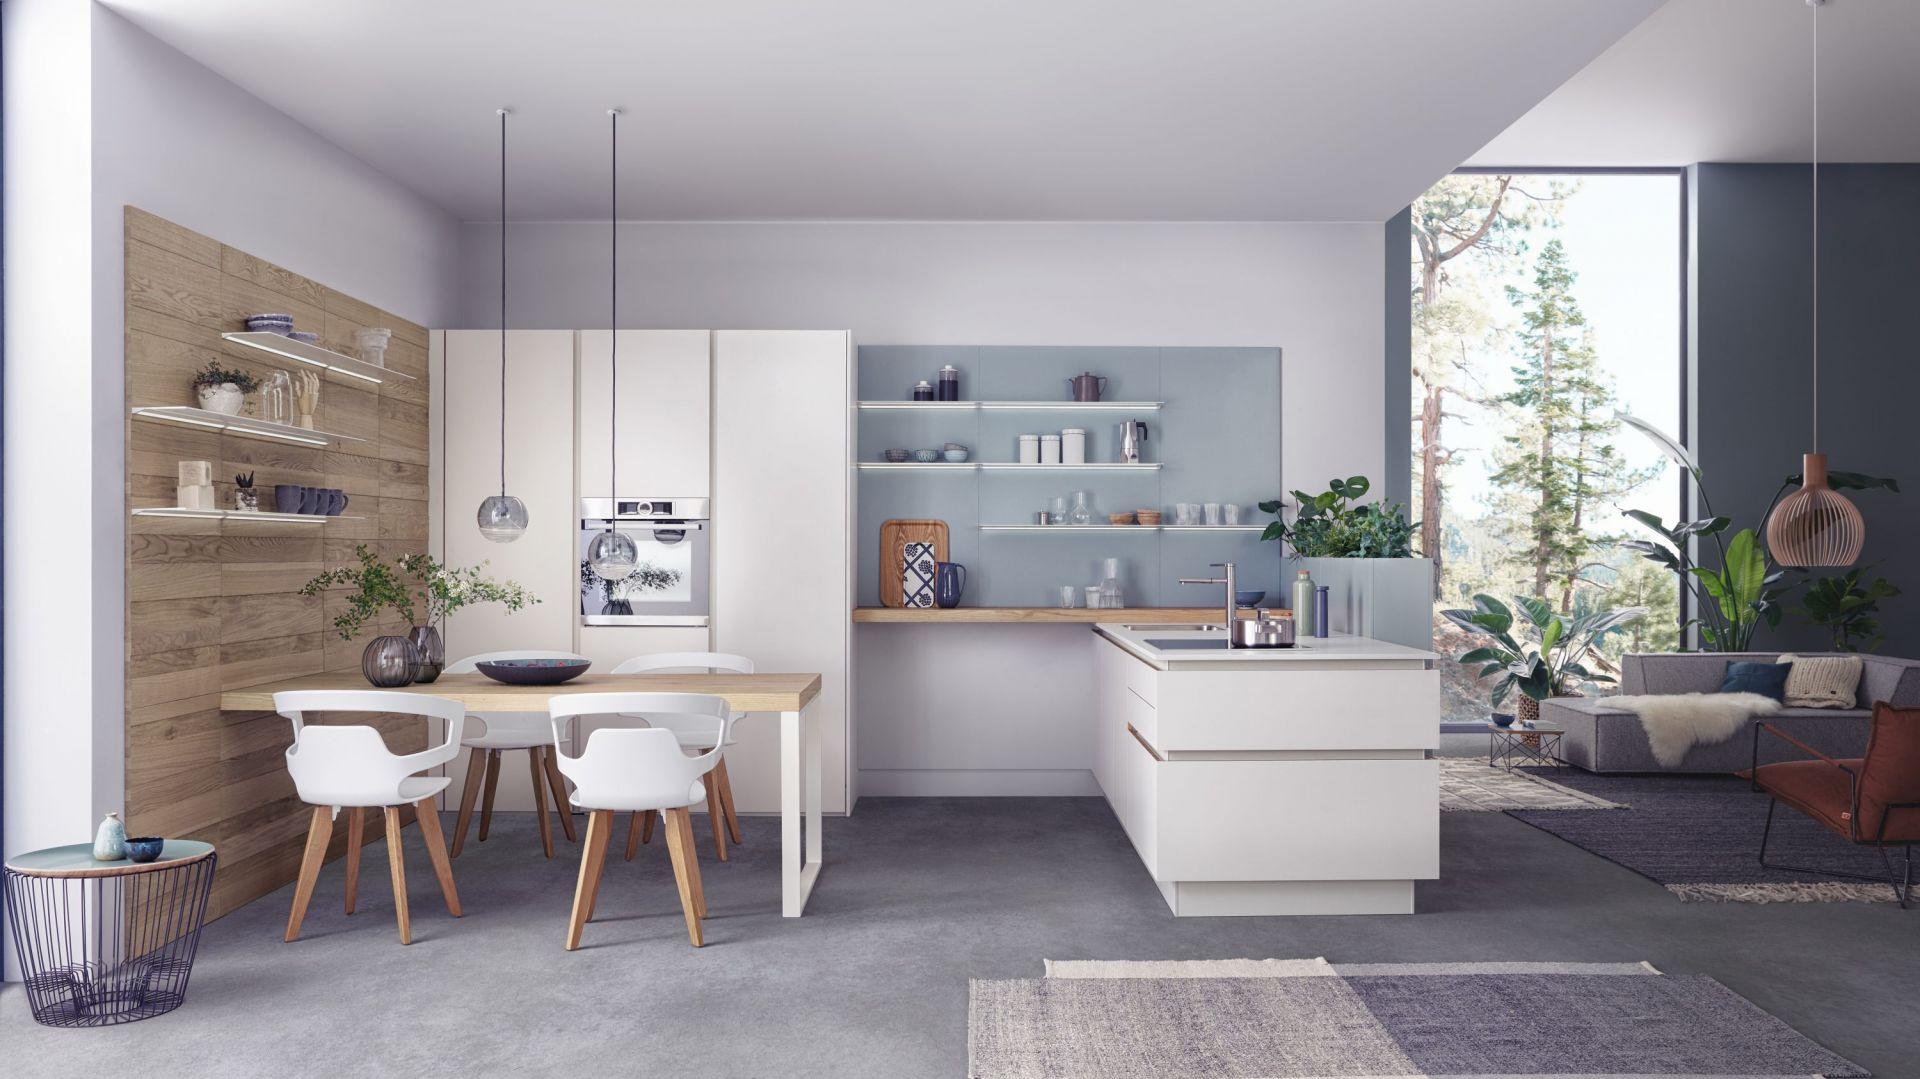 Meble w modnej kuchni. 10 pomysłów na urządzenie. fot. Leicht